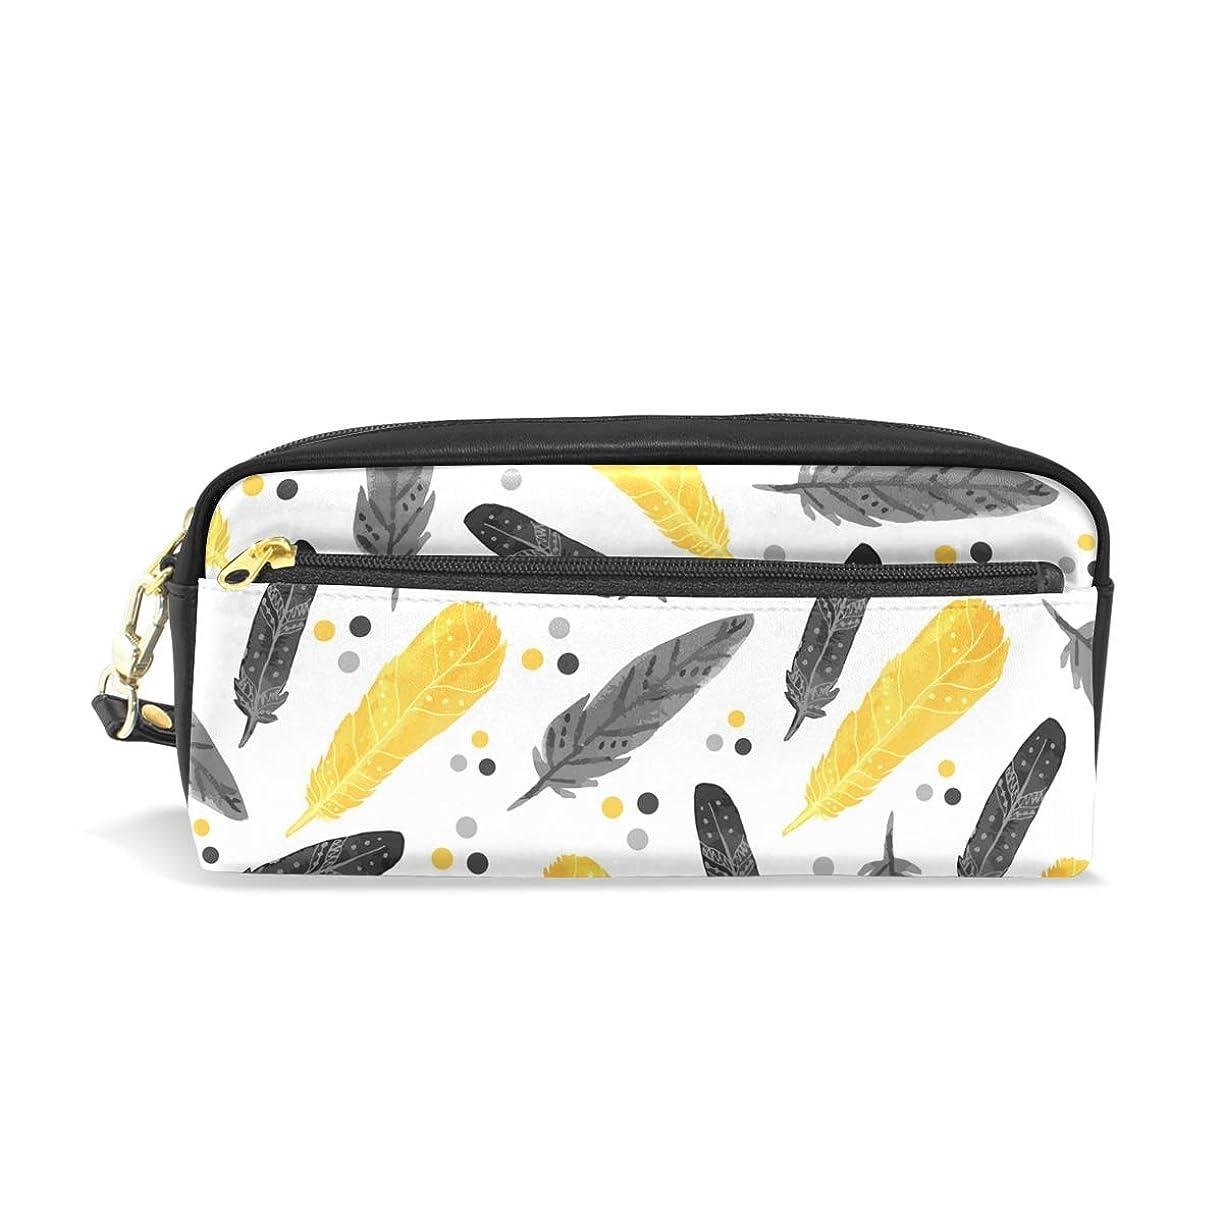 明るい地平線毎年AOMOKI ペンケース 小物入り 多機能バッグ ペンポーチ 化粧ポーチ 男女兼用 ギフト プレゼント おしゃれ 羽模様